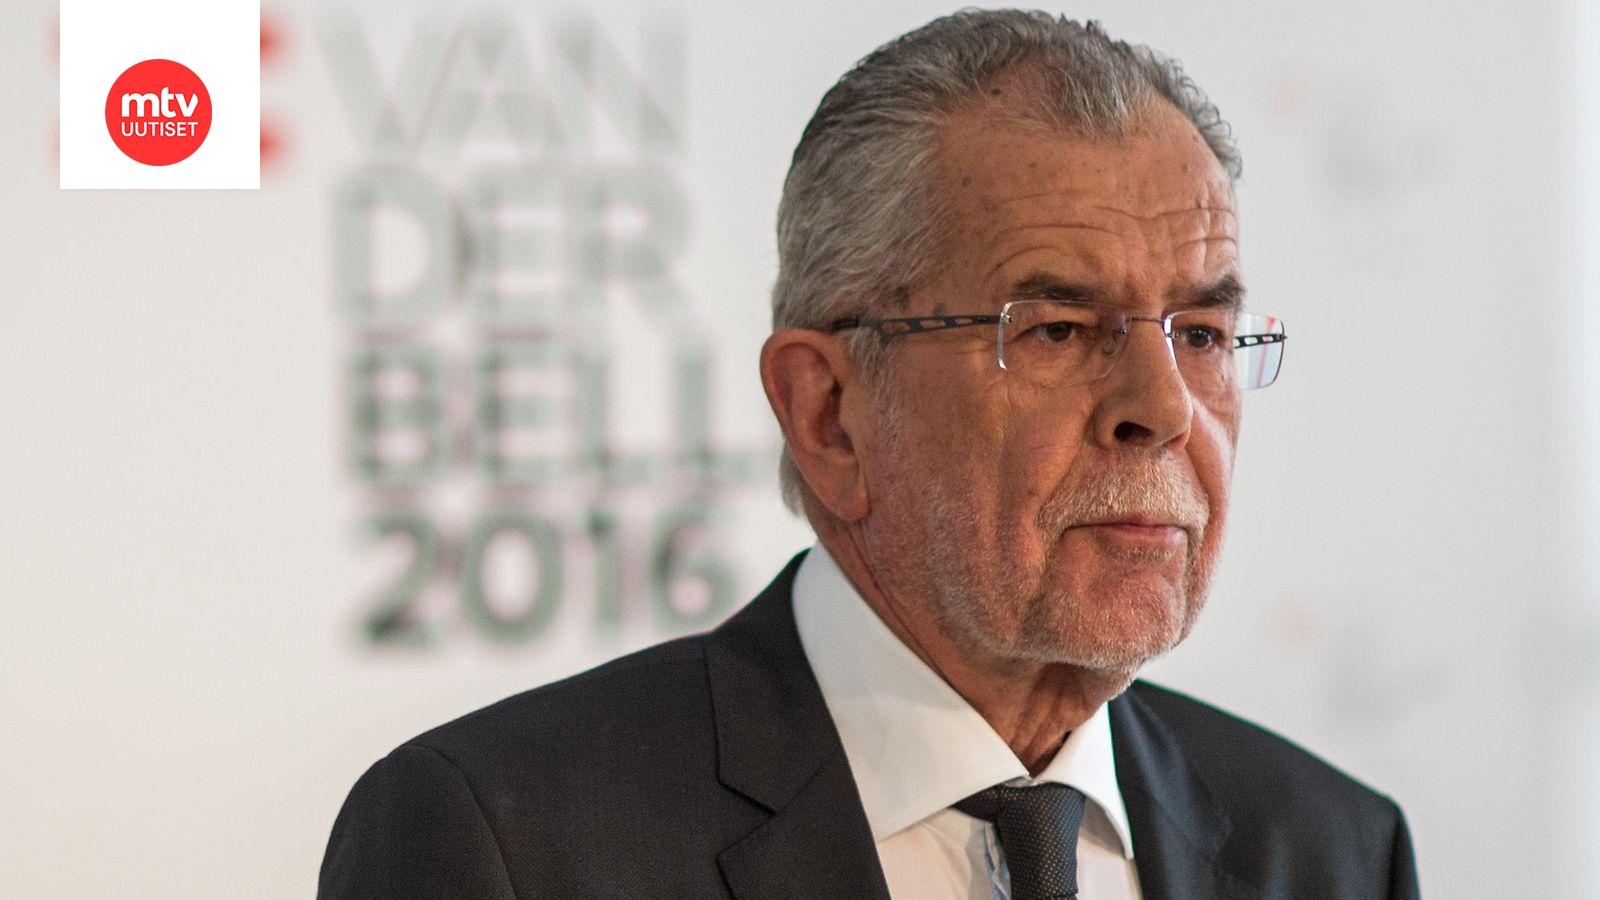 Itävallan Vaalit